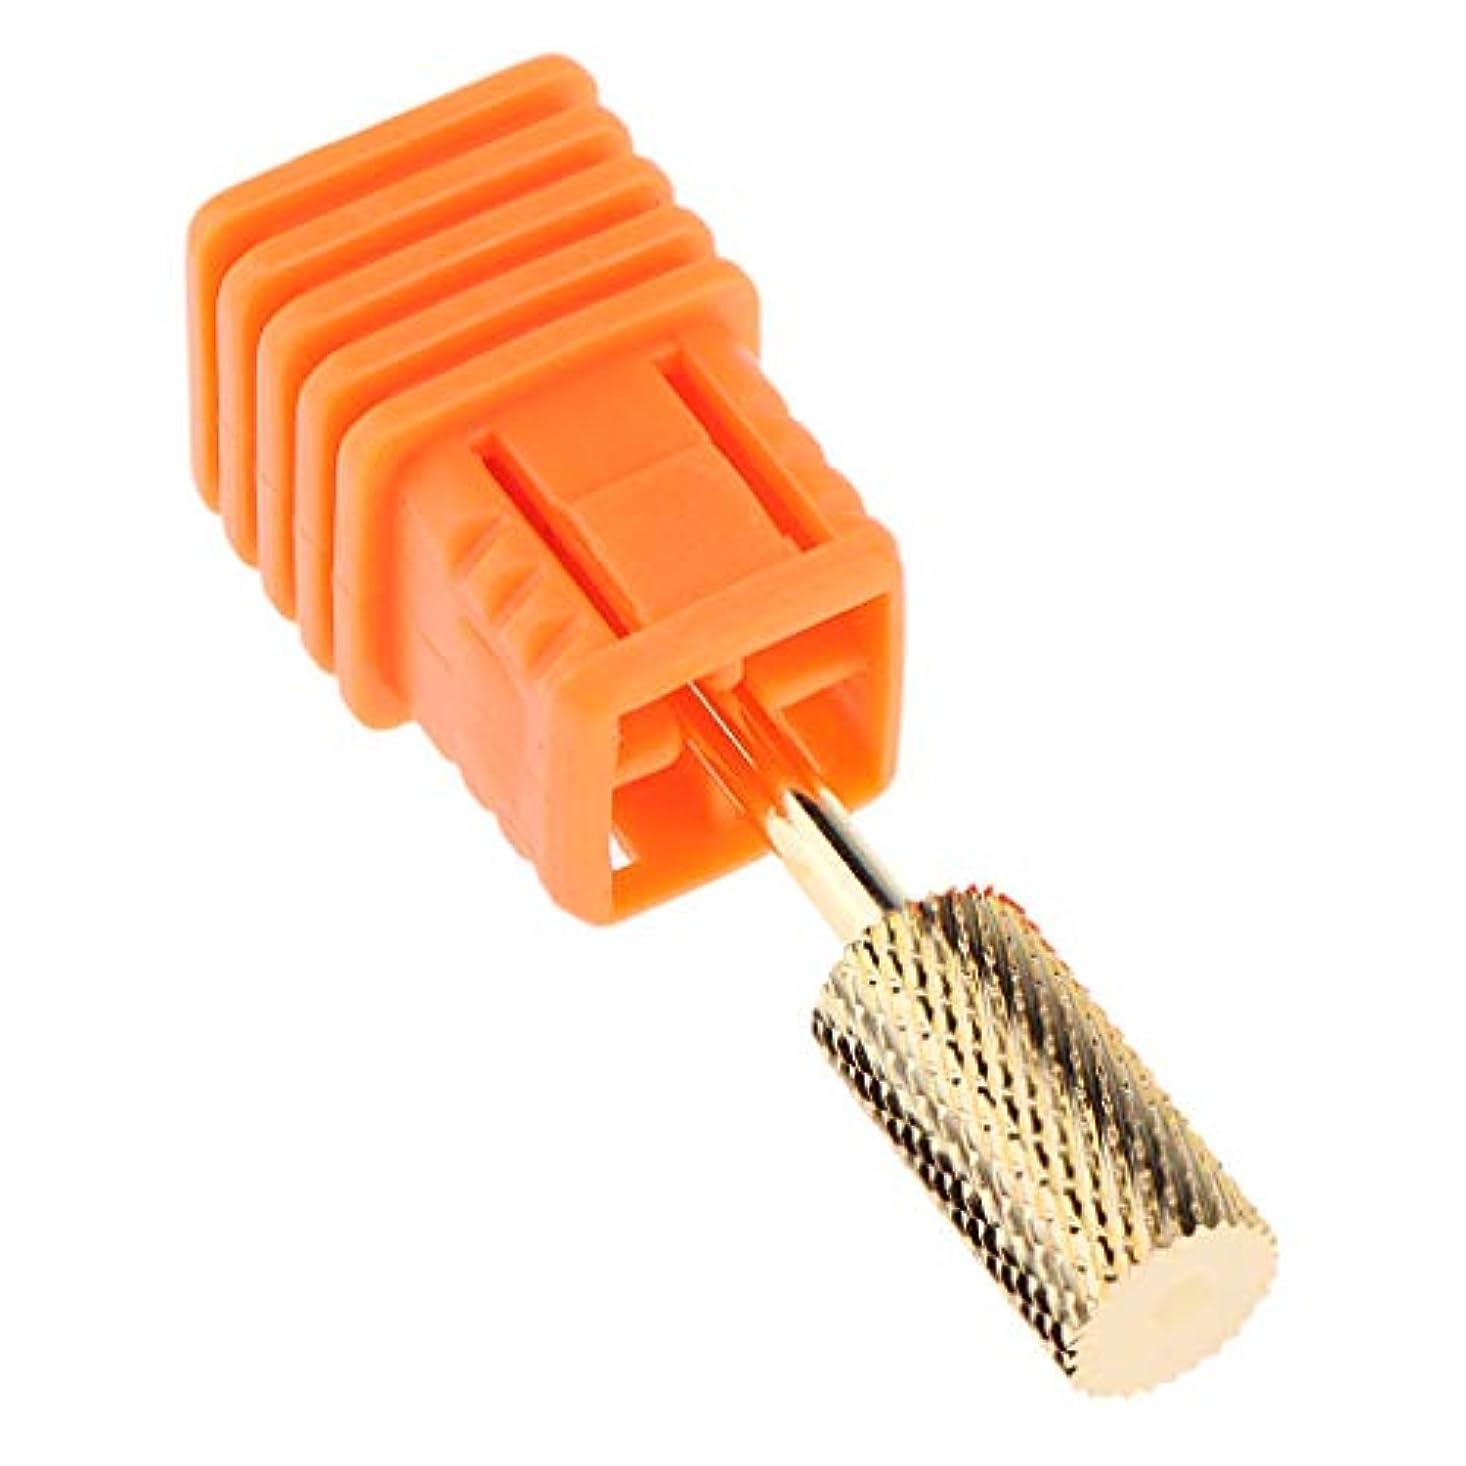 農夫タブレットズームインするネイルドリルビット ネイルビット ネイルチップ 耐久性 ネイル道具 6スタイル選べ - M